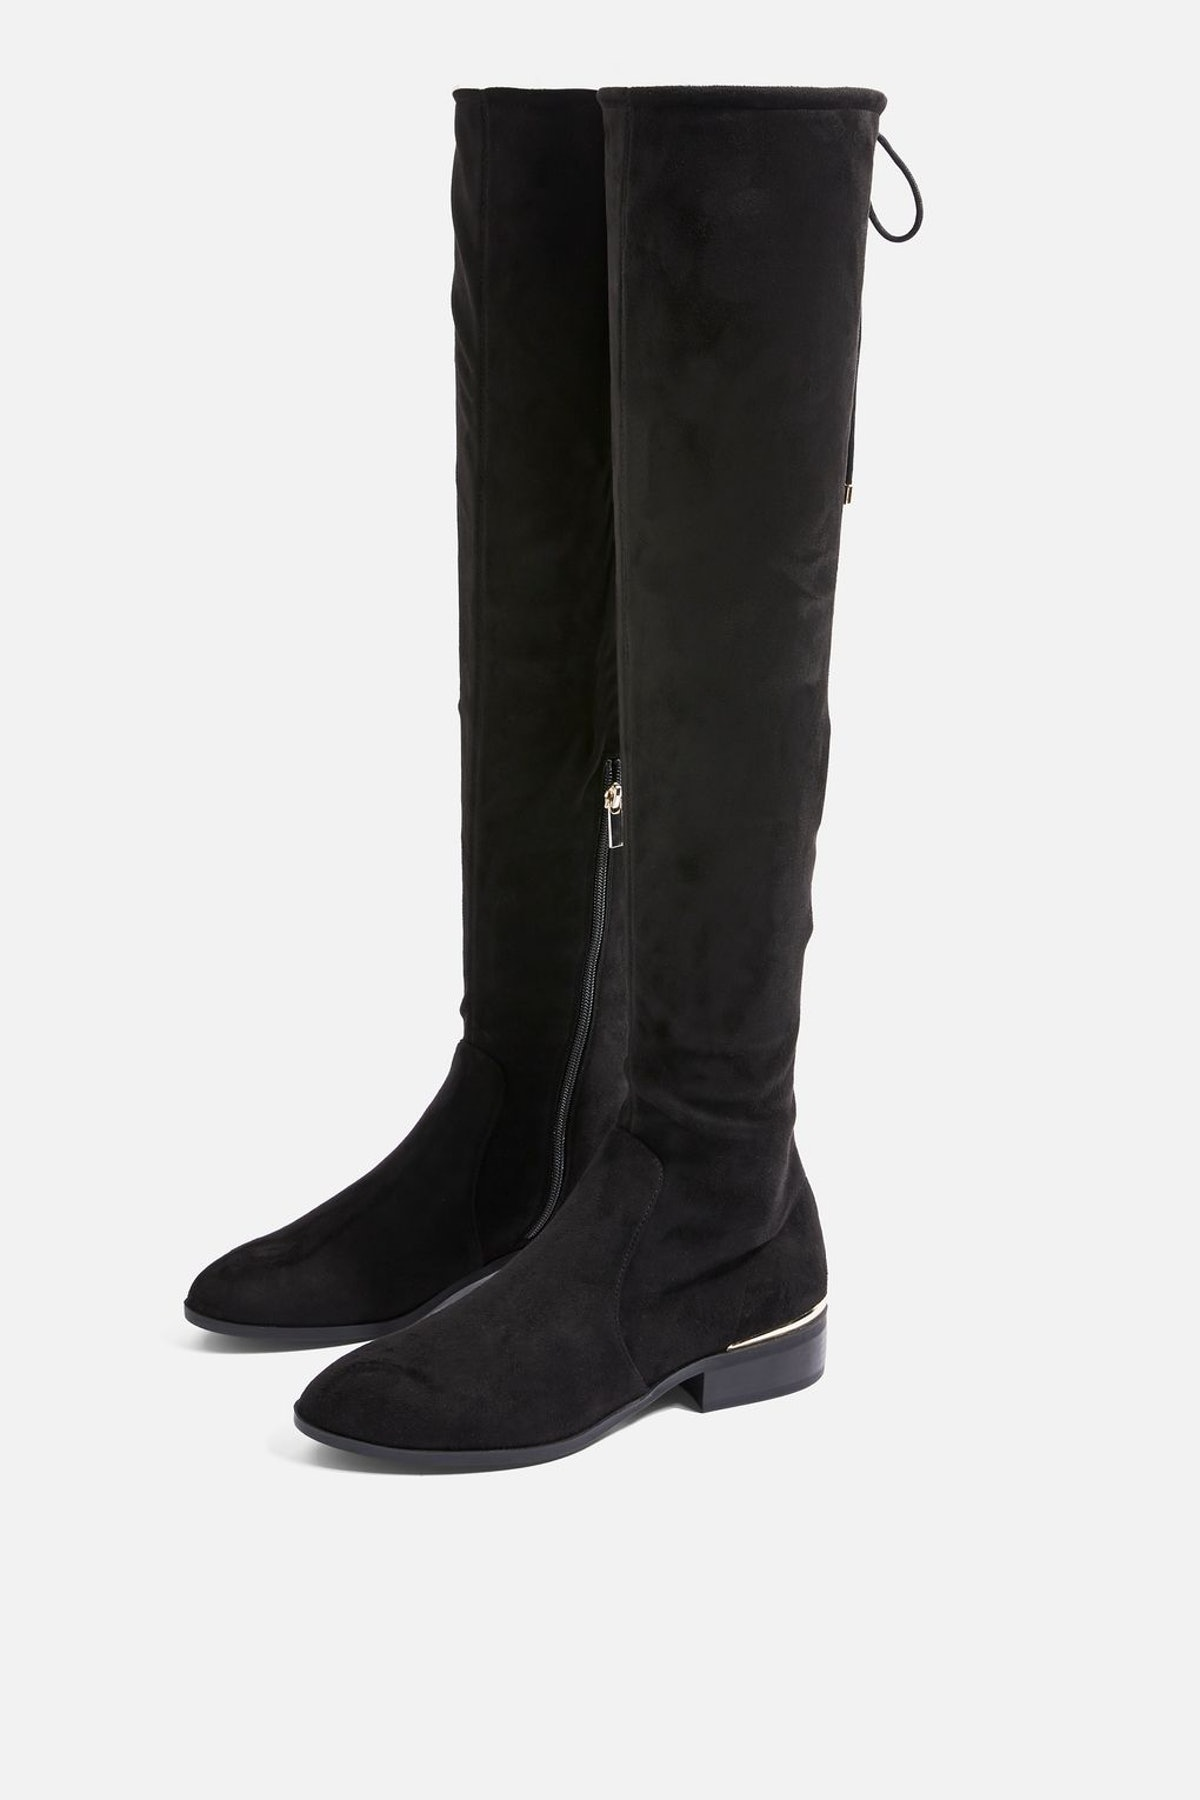 BEAU High Leg Flat Boots